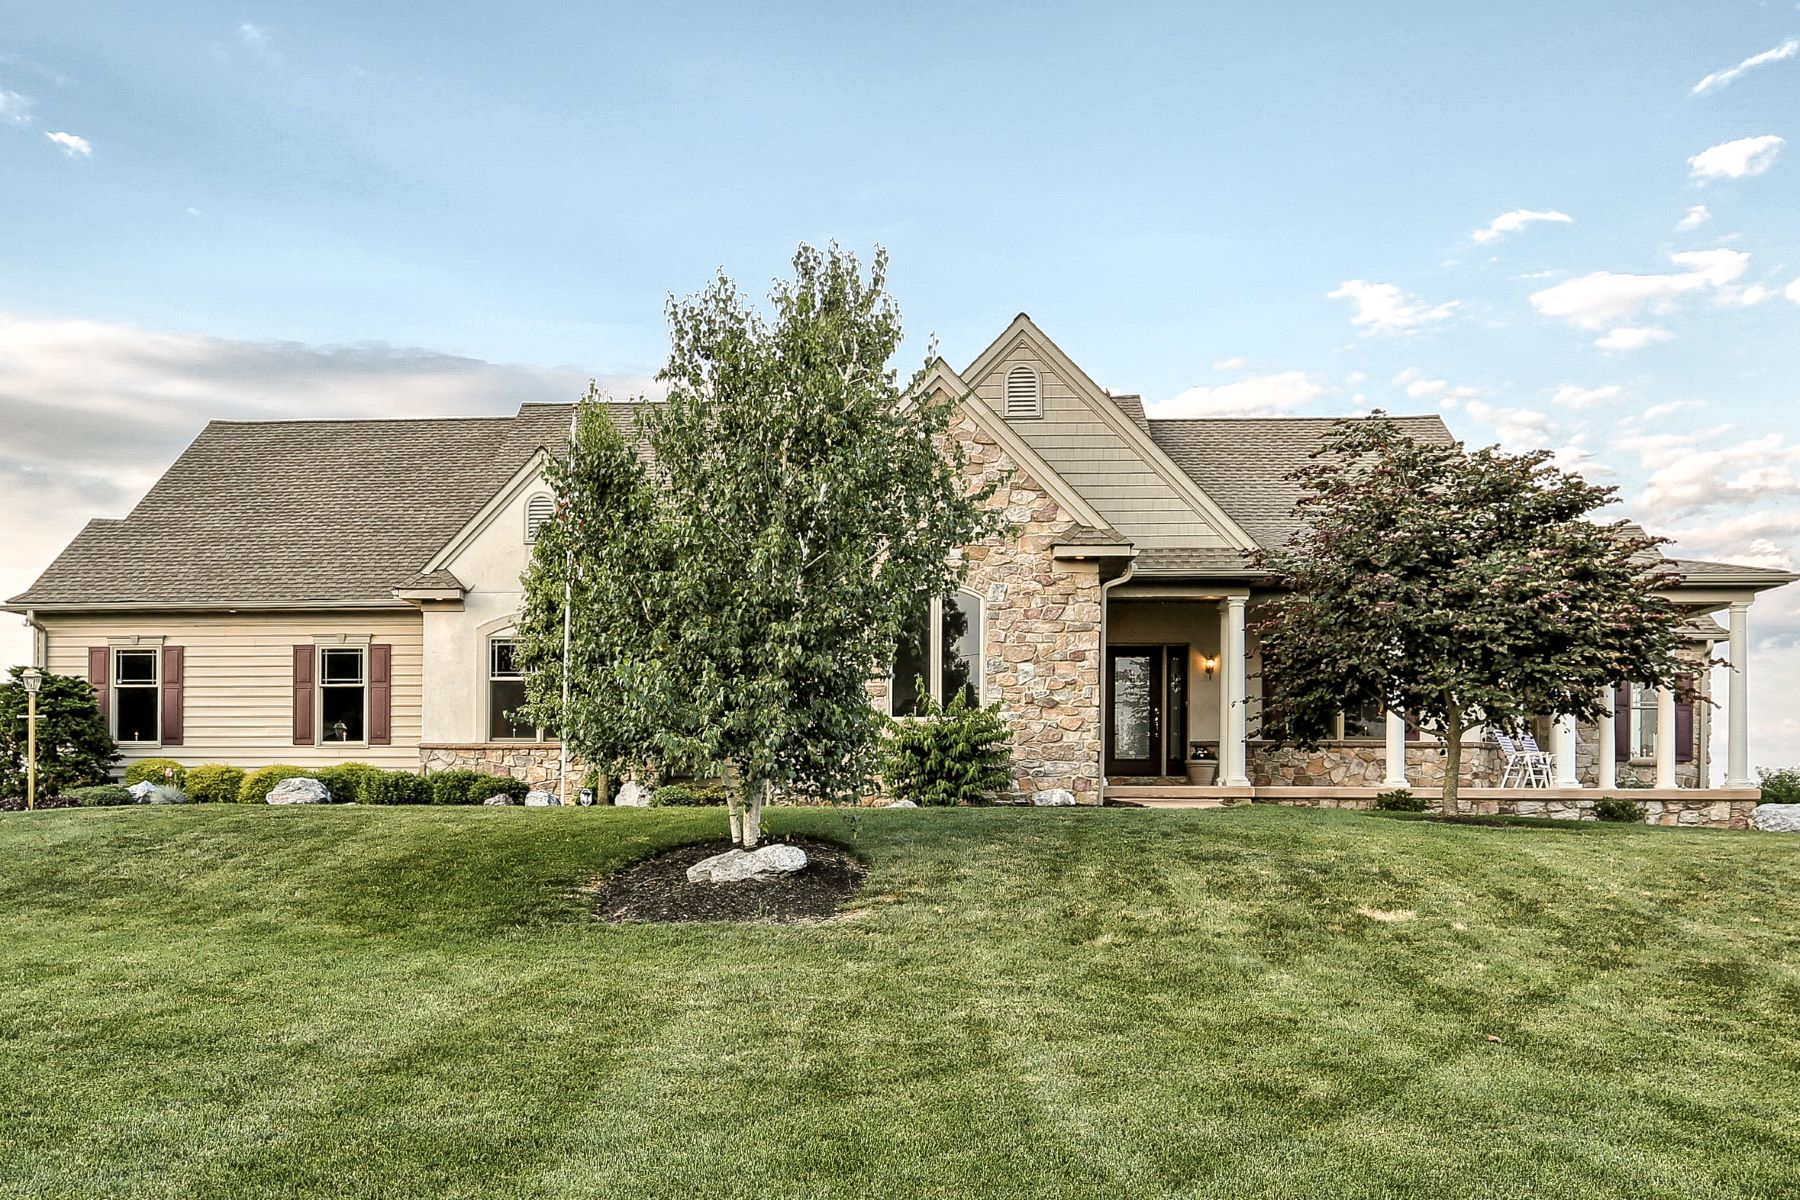 Частный односемейный дом для того Продажа на 2768 Zink Road Manheim, 17545 Соединенные Штаты